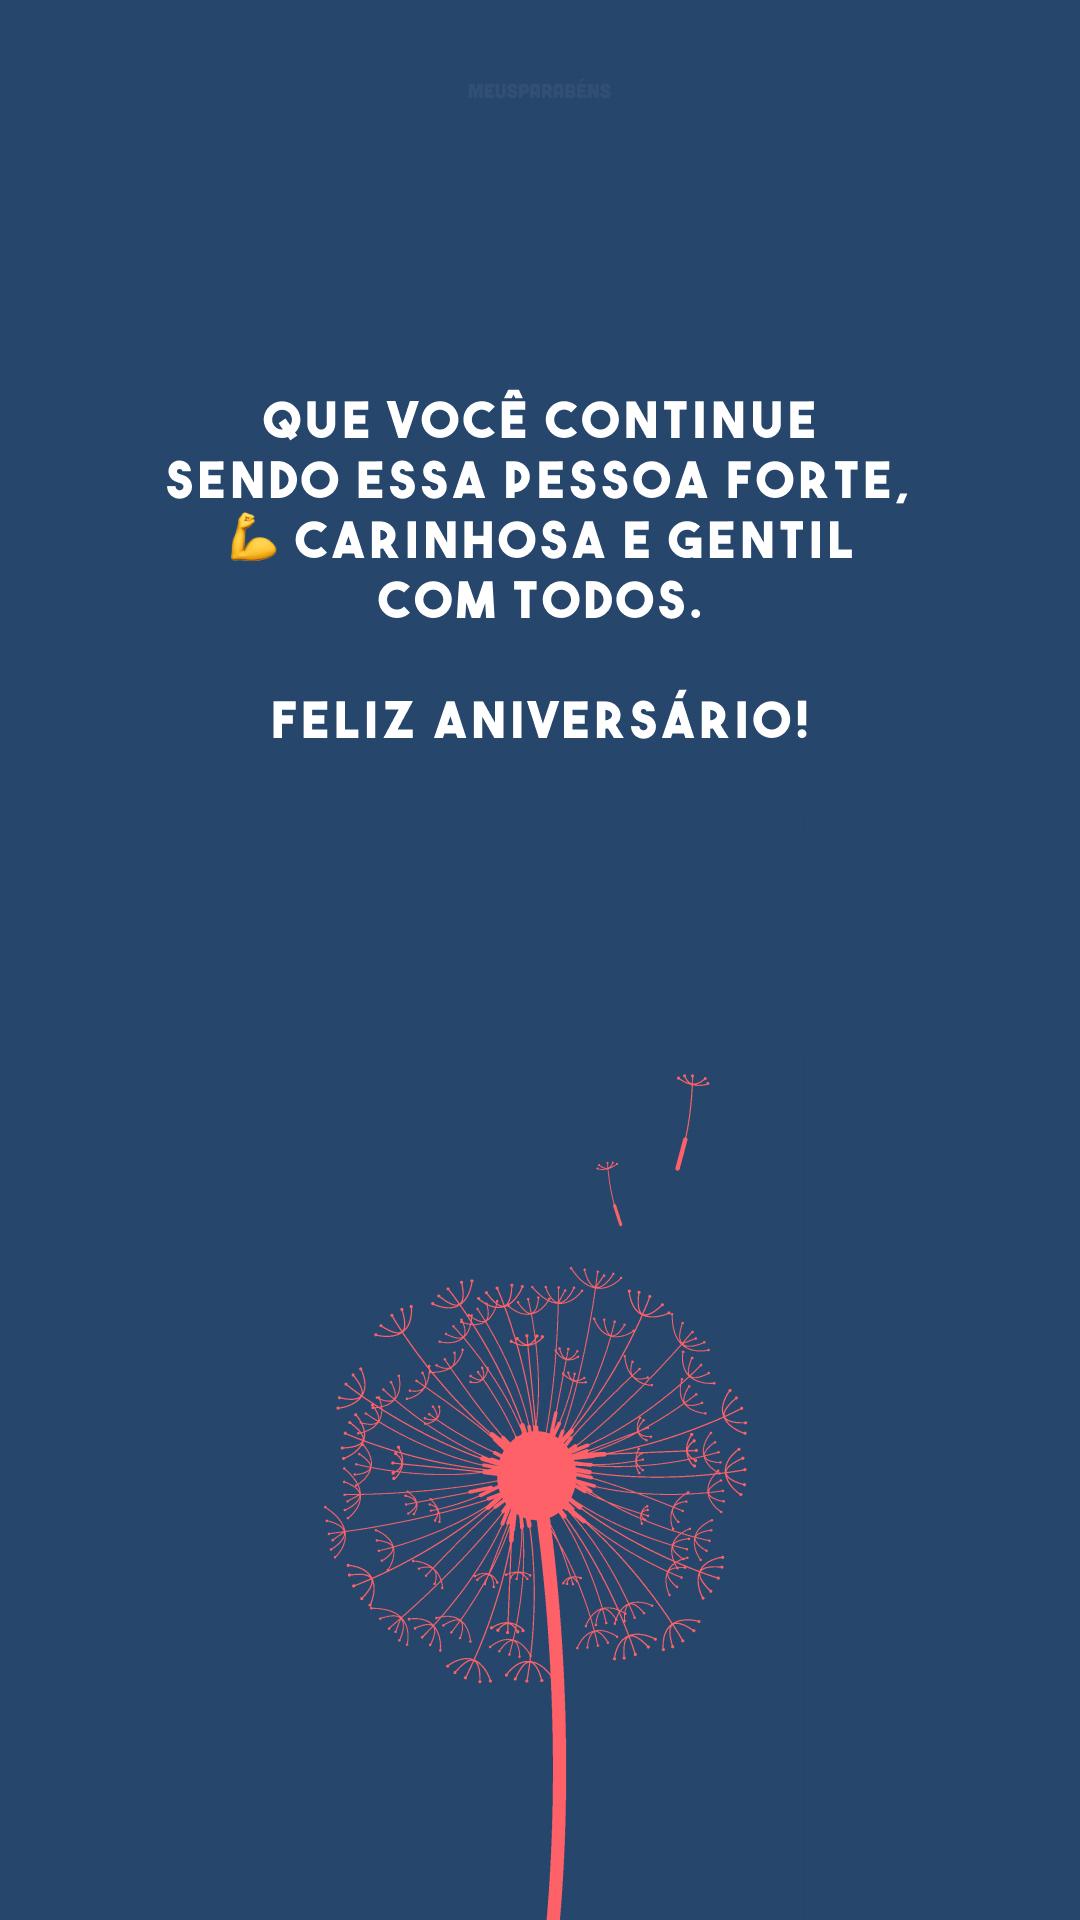 Que você continue sendo essa pessoa forte, 💪 carinhosa e gentil com todos. Feliz aniversário!